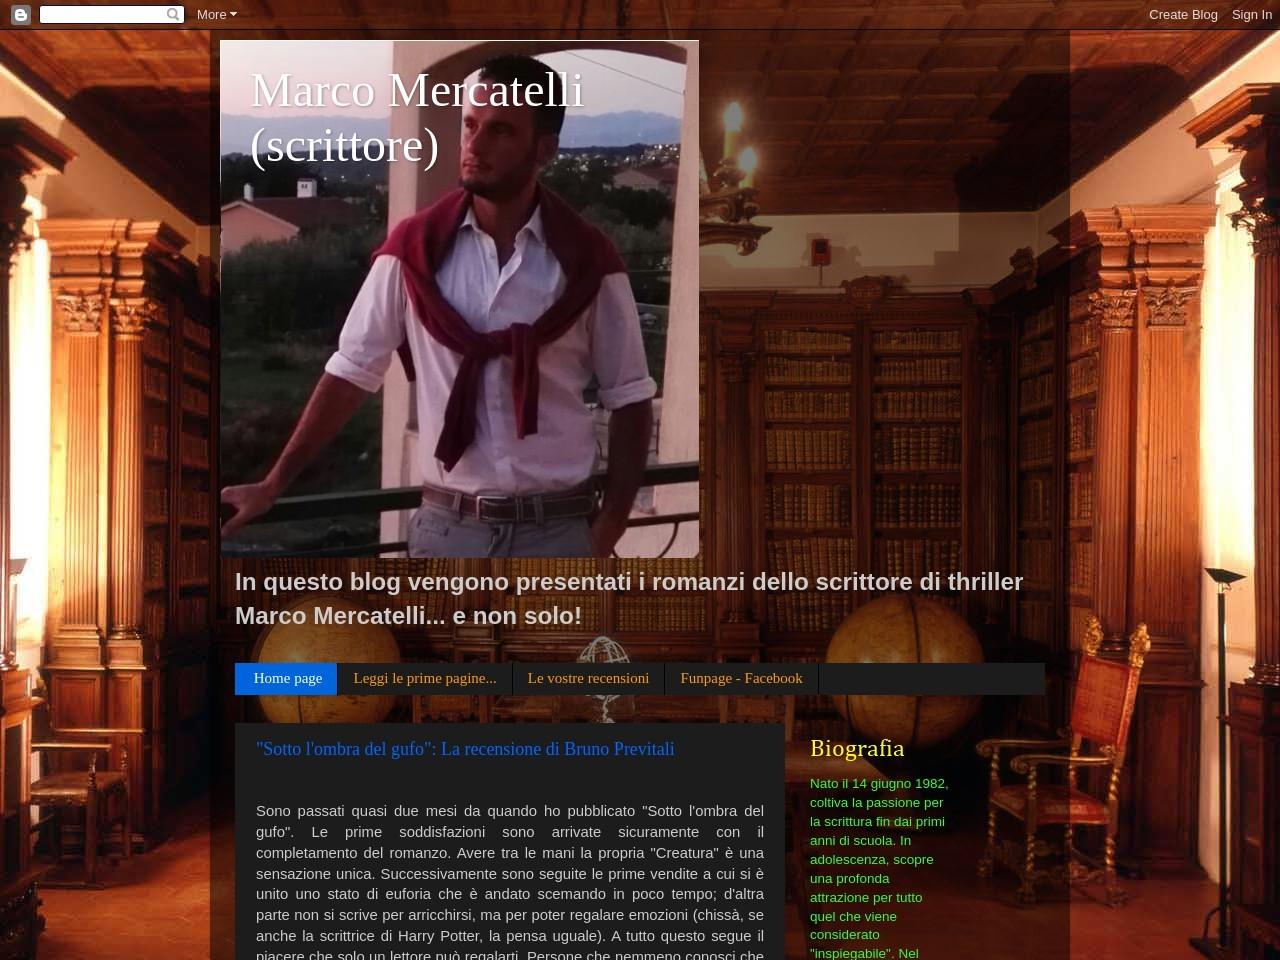 marco-mercatelli-scrittore